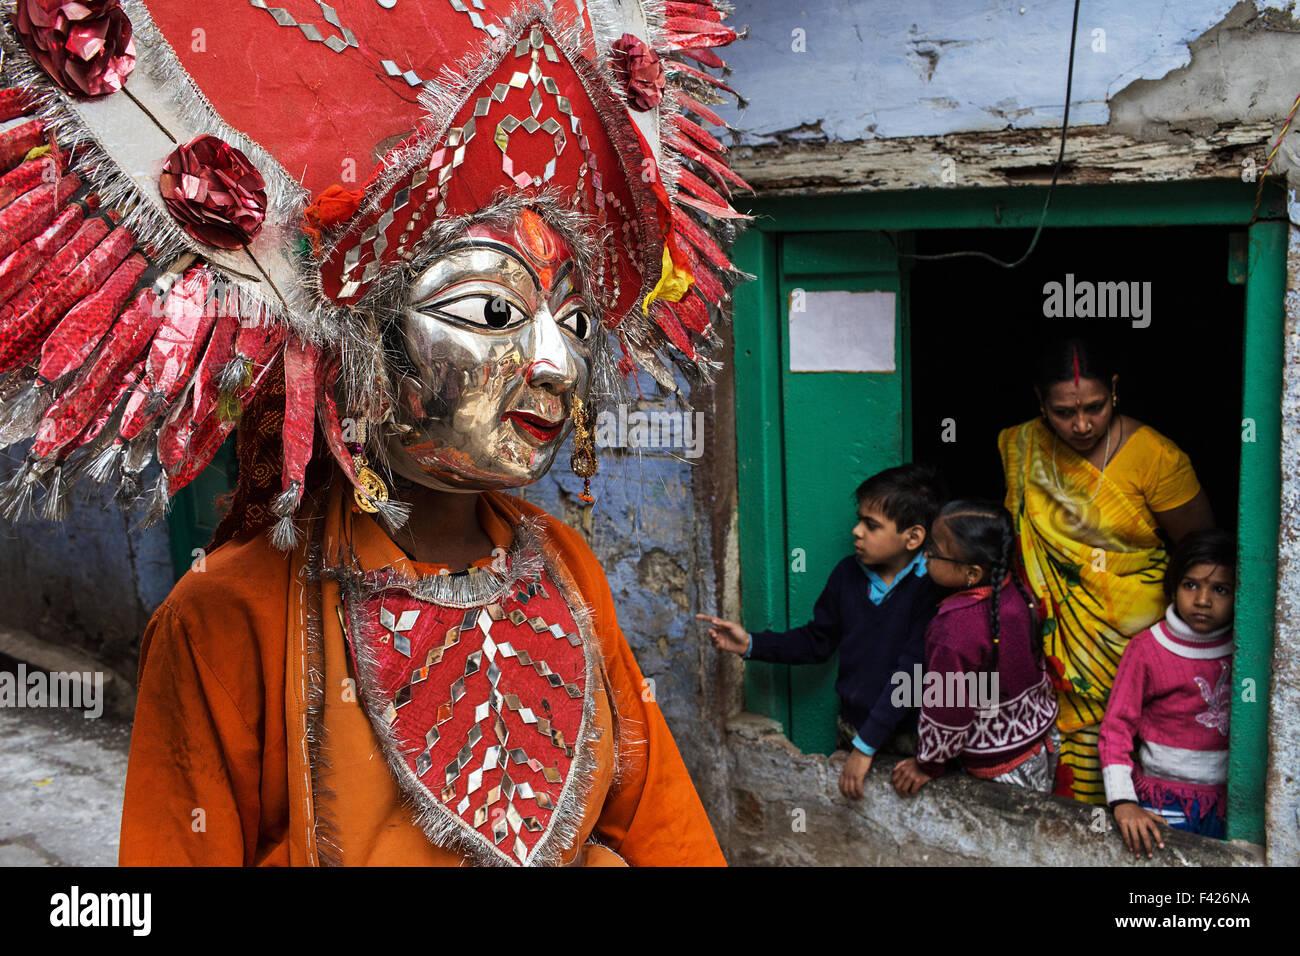 Procesión en la ciudad vieja durante el Maha Shivaratri festival en Varanasi, India. Imagen De Stock